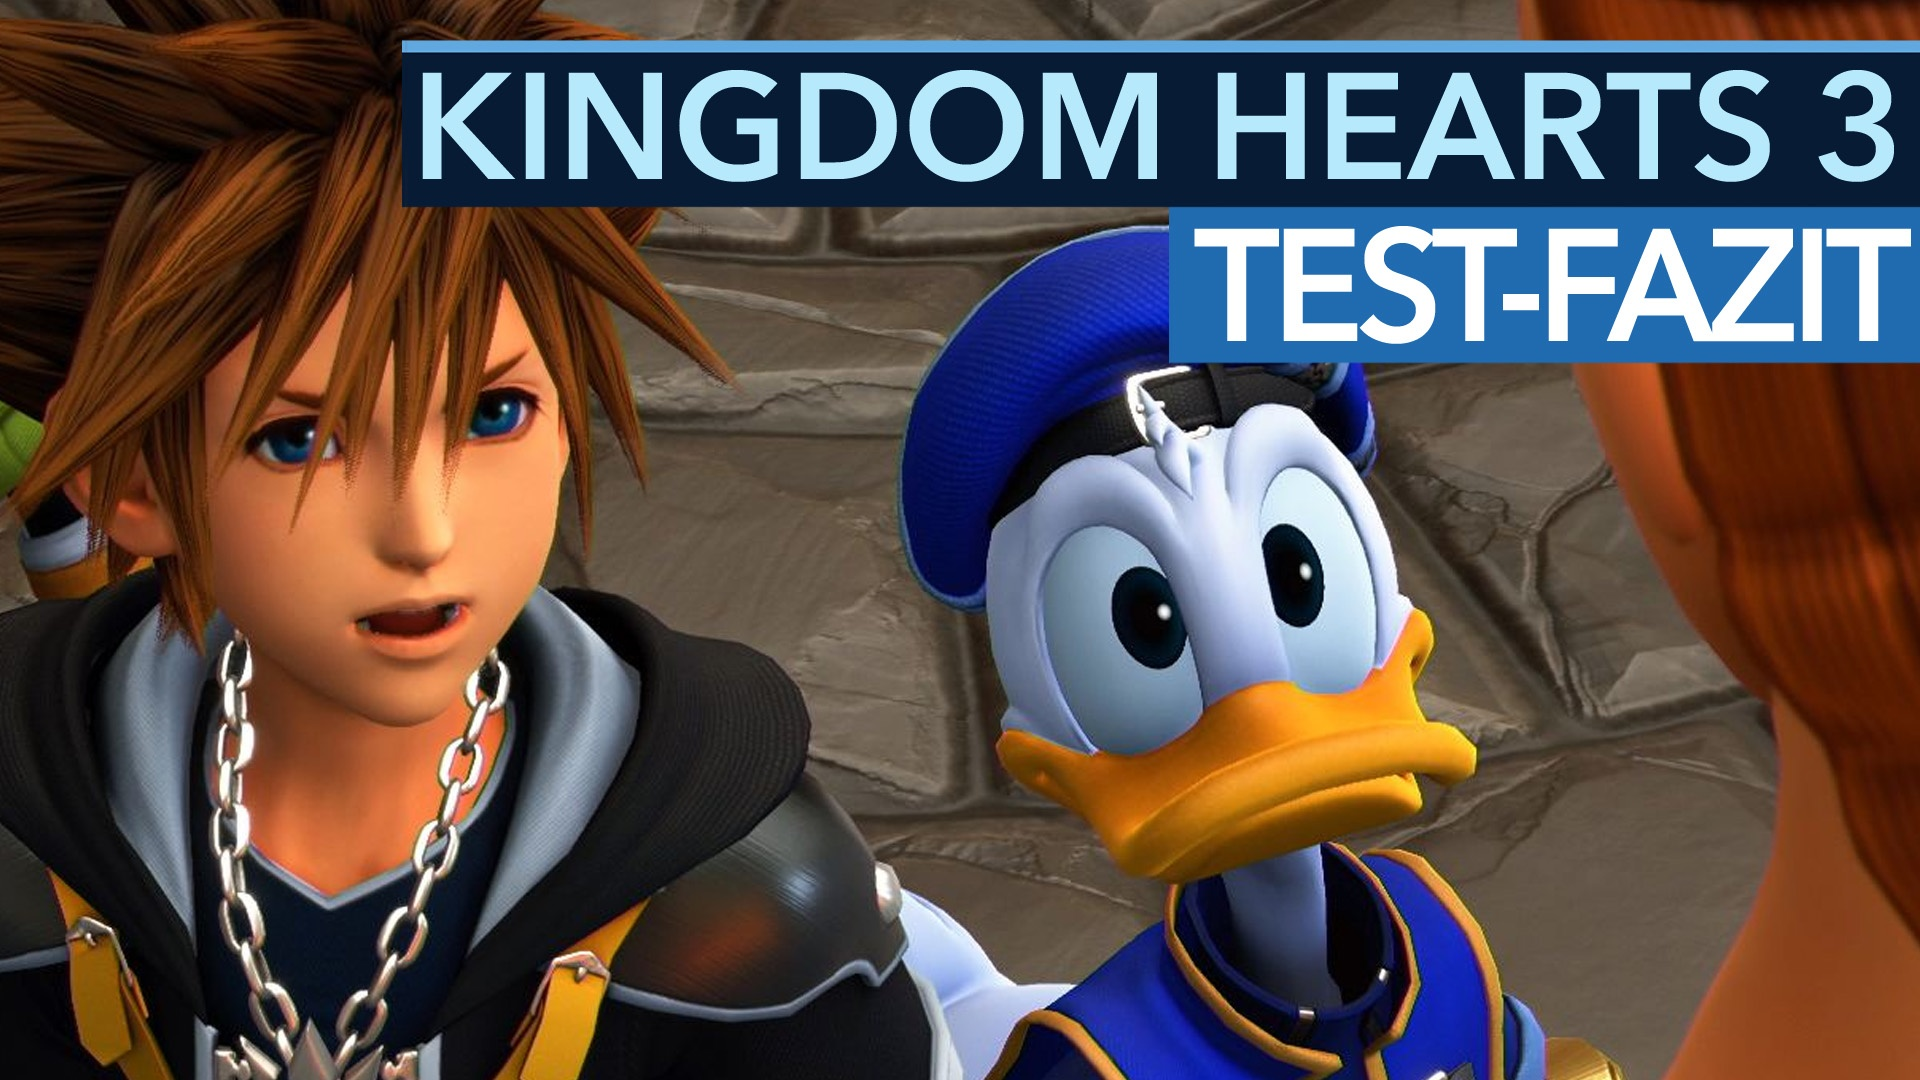 Kingdom Hearts 3 Fazit Video Zur Test Version Gamepro